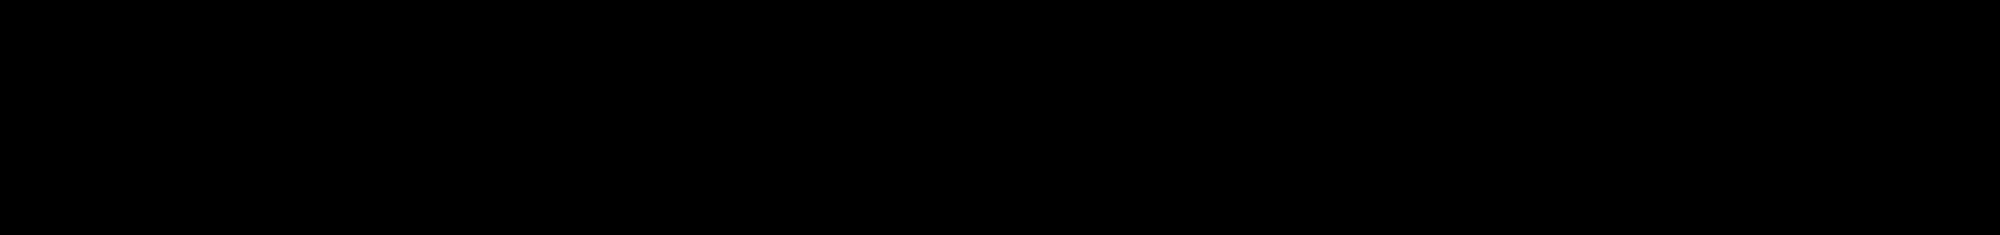 Deseret Book logo.png